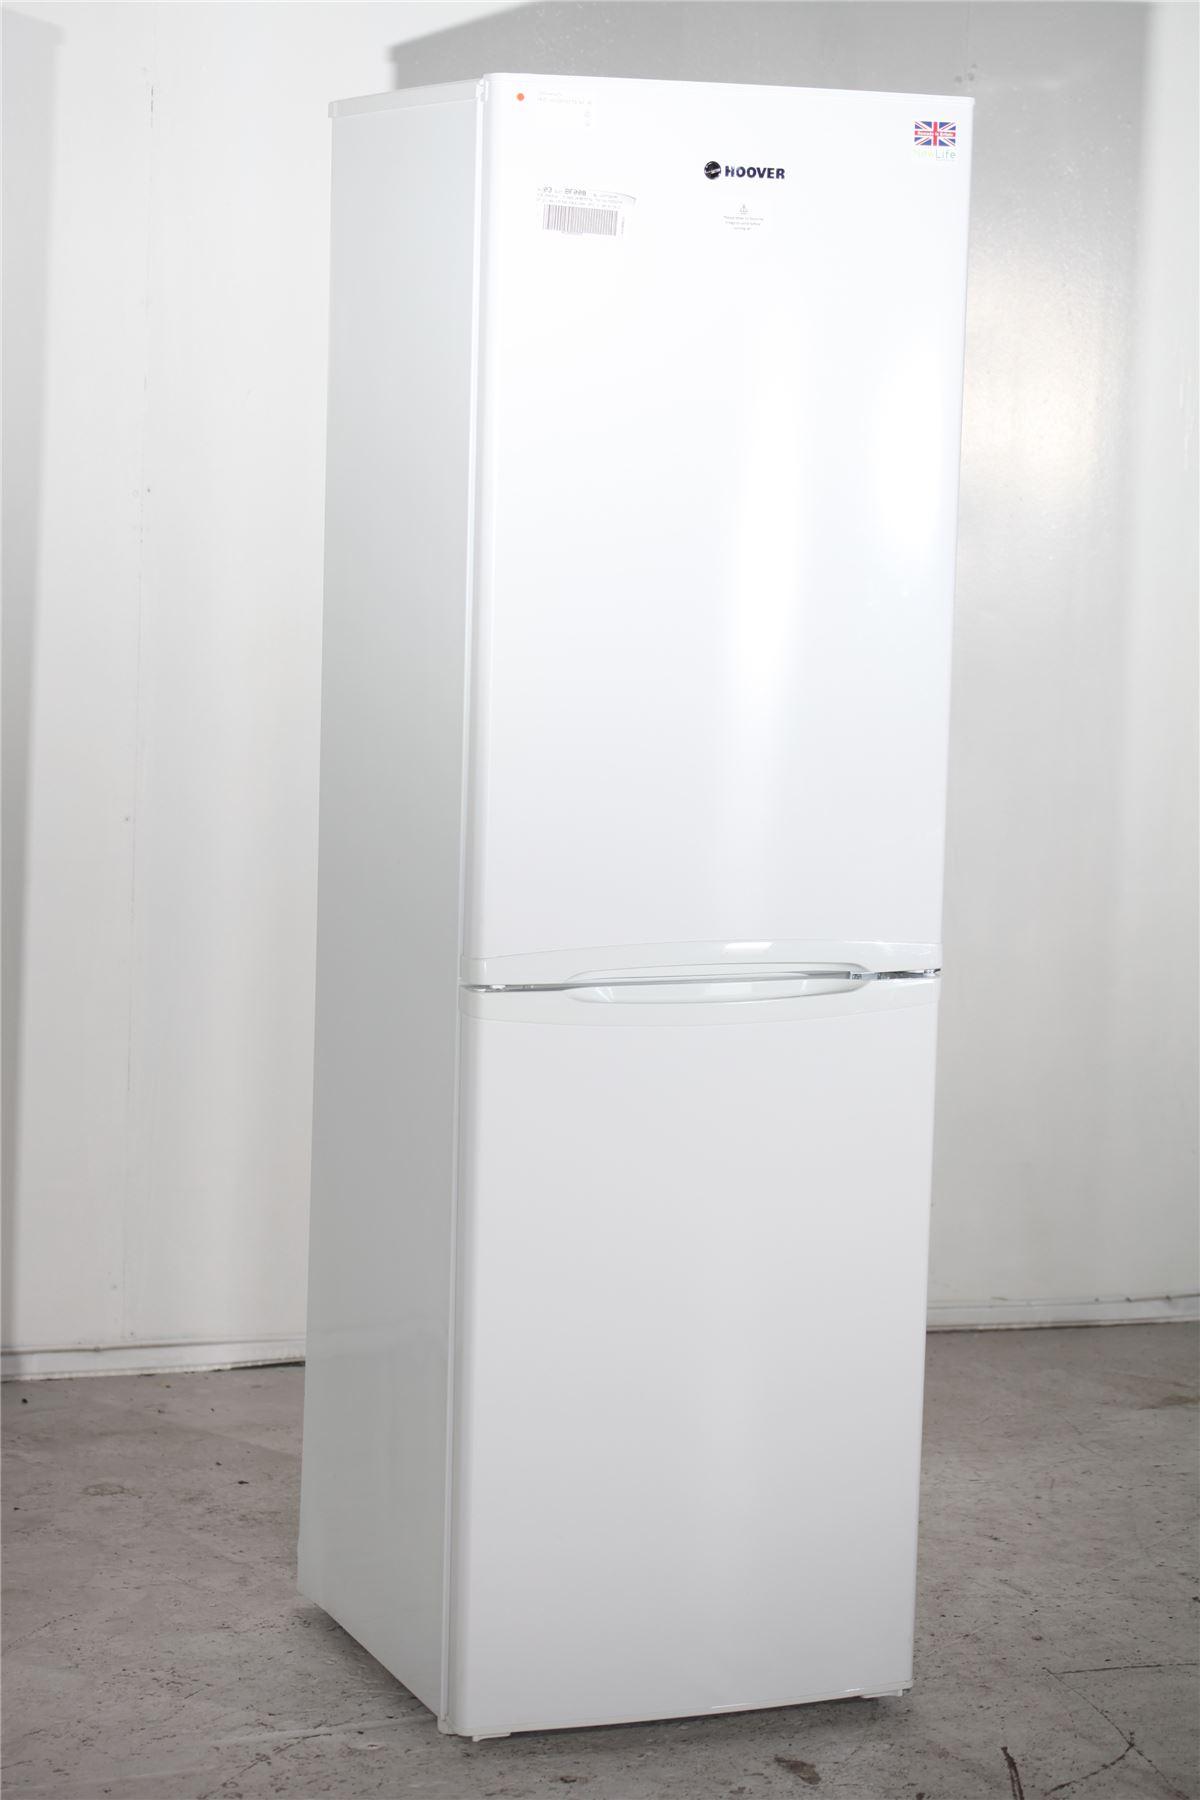 preloved hoover fridge freezer hvbf5172wk white for. Black Bedroom Furniture Sets. Home Design Ideas